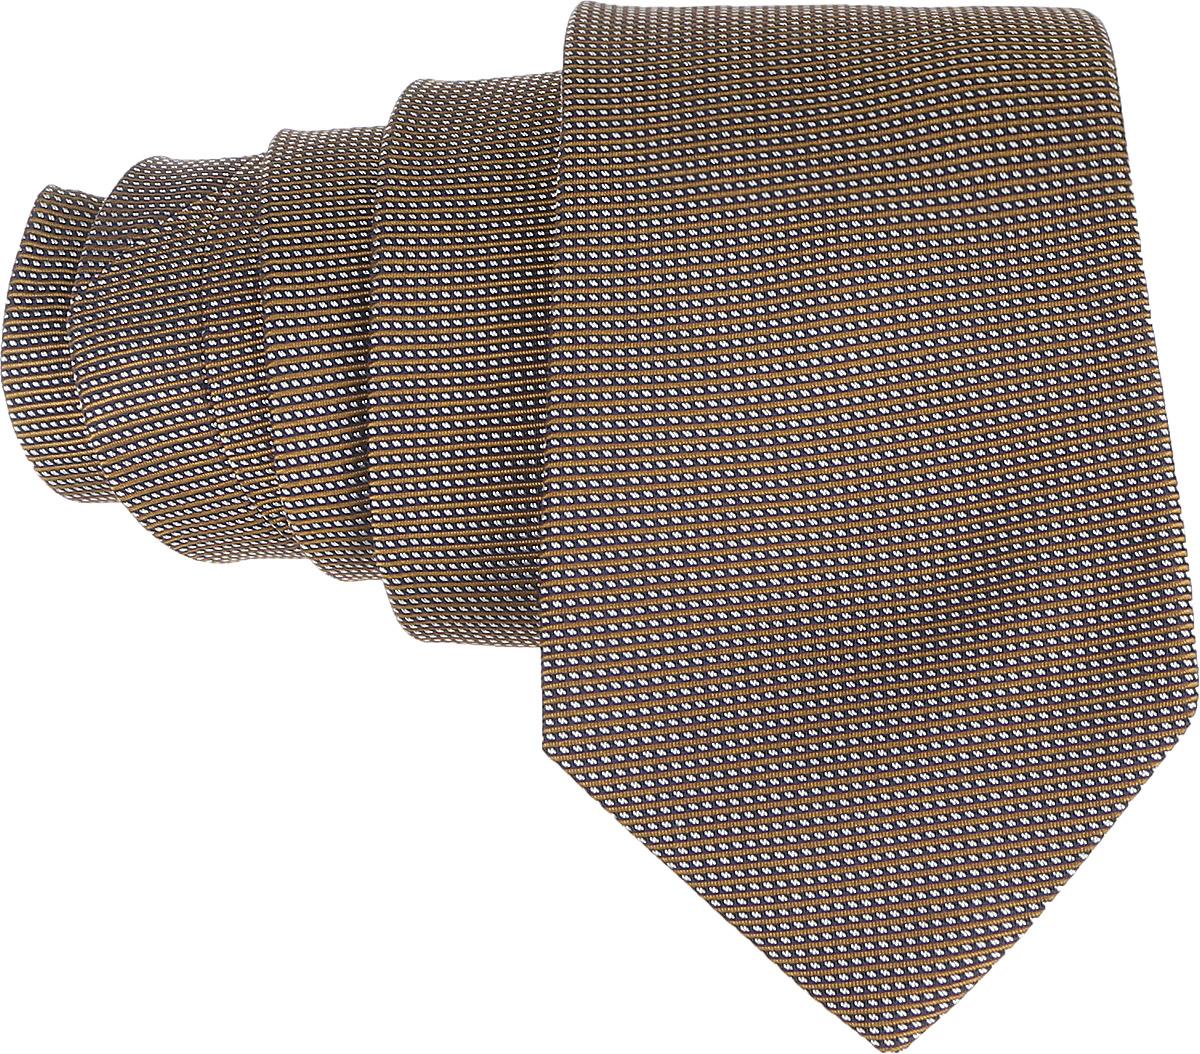 Галстук. 12.01411312.014112Стильный галстук BTC станет отличным завершающим штрихом вашего образа. Этот модный аксессуар порадует вас высоким качеством исполнения и современным дизайном. Изделие полностью выполнено из качественного шелка. Галстук оформлен оригинальным принтом. Такой оригинальный галстук подойдет как к повседневному, так и к официальному наряду, он позволит вам подчеркнуть свою индивидуальность и создать свой неповторимый стиль.